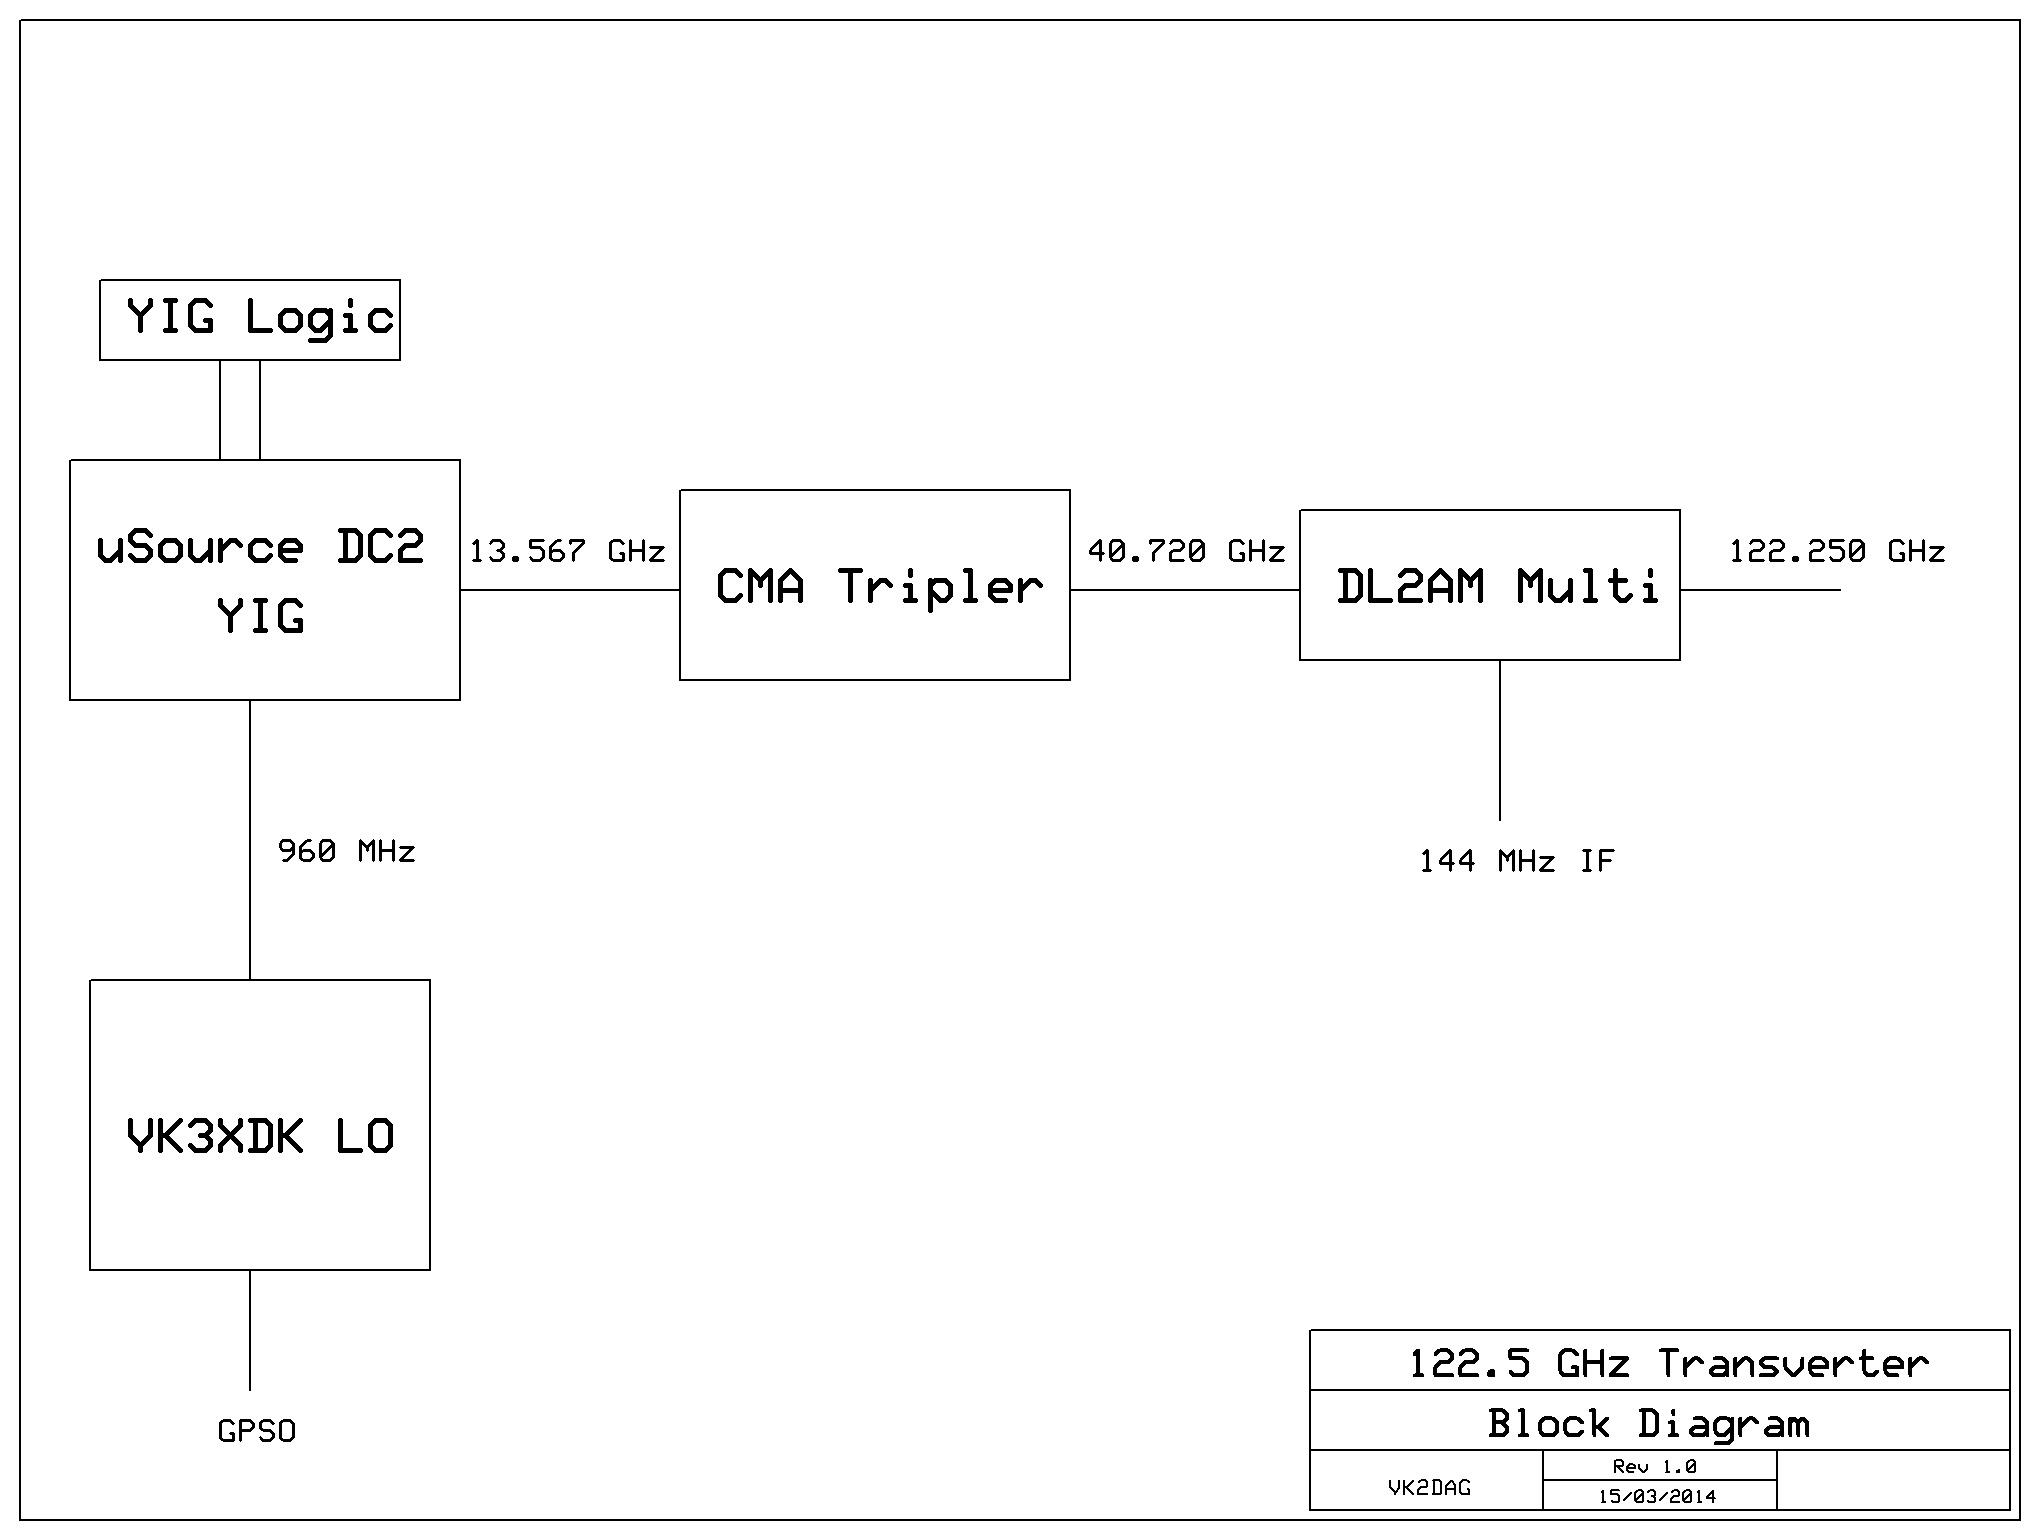 122 GHz Transverter - VK2DAG - 472 KHz to 474 THz -